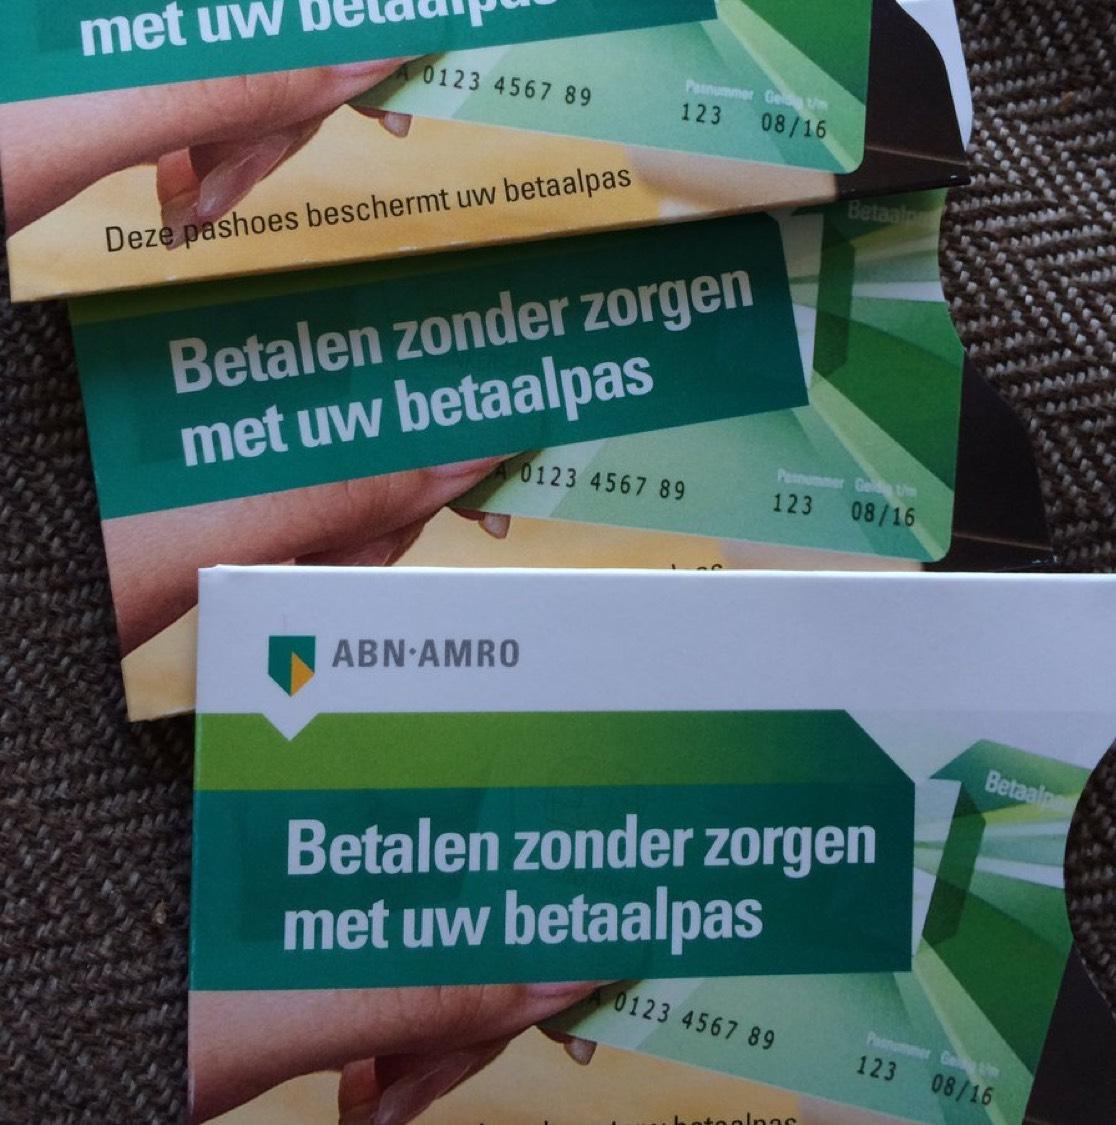 5f31e789863 Gratis beschermend bankpas hoesje @ABN Amro - Pepper.com